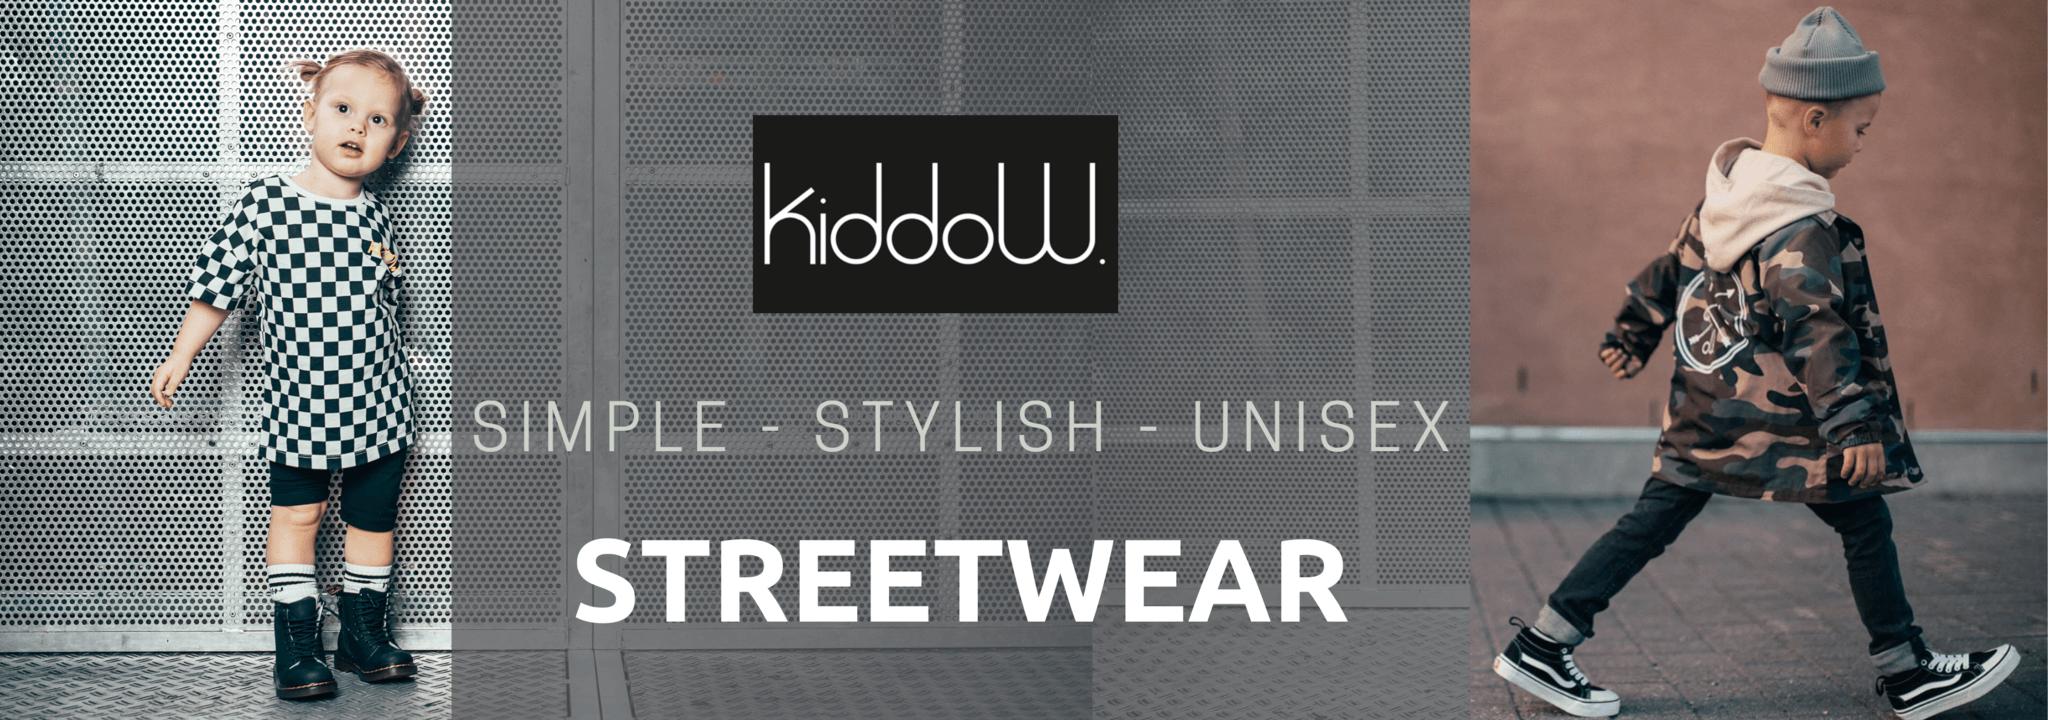 kinderkleding merk Kiddow Streetwear voor kinderen